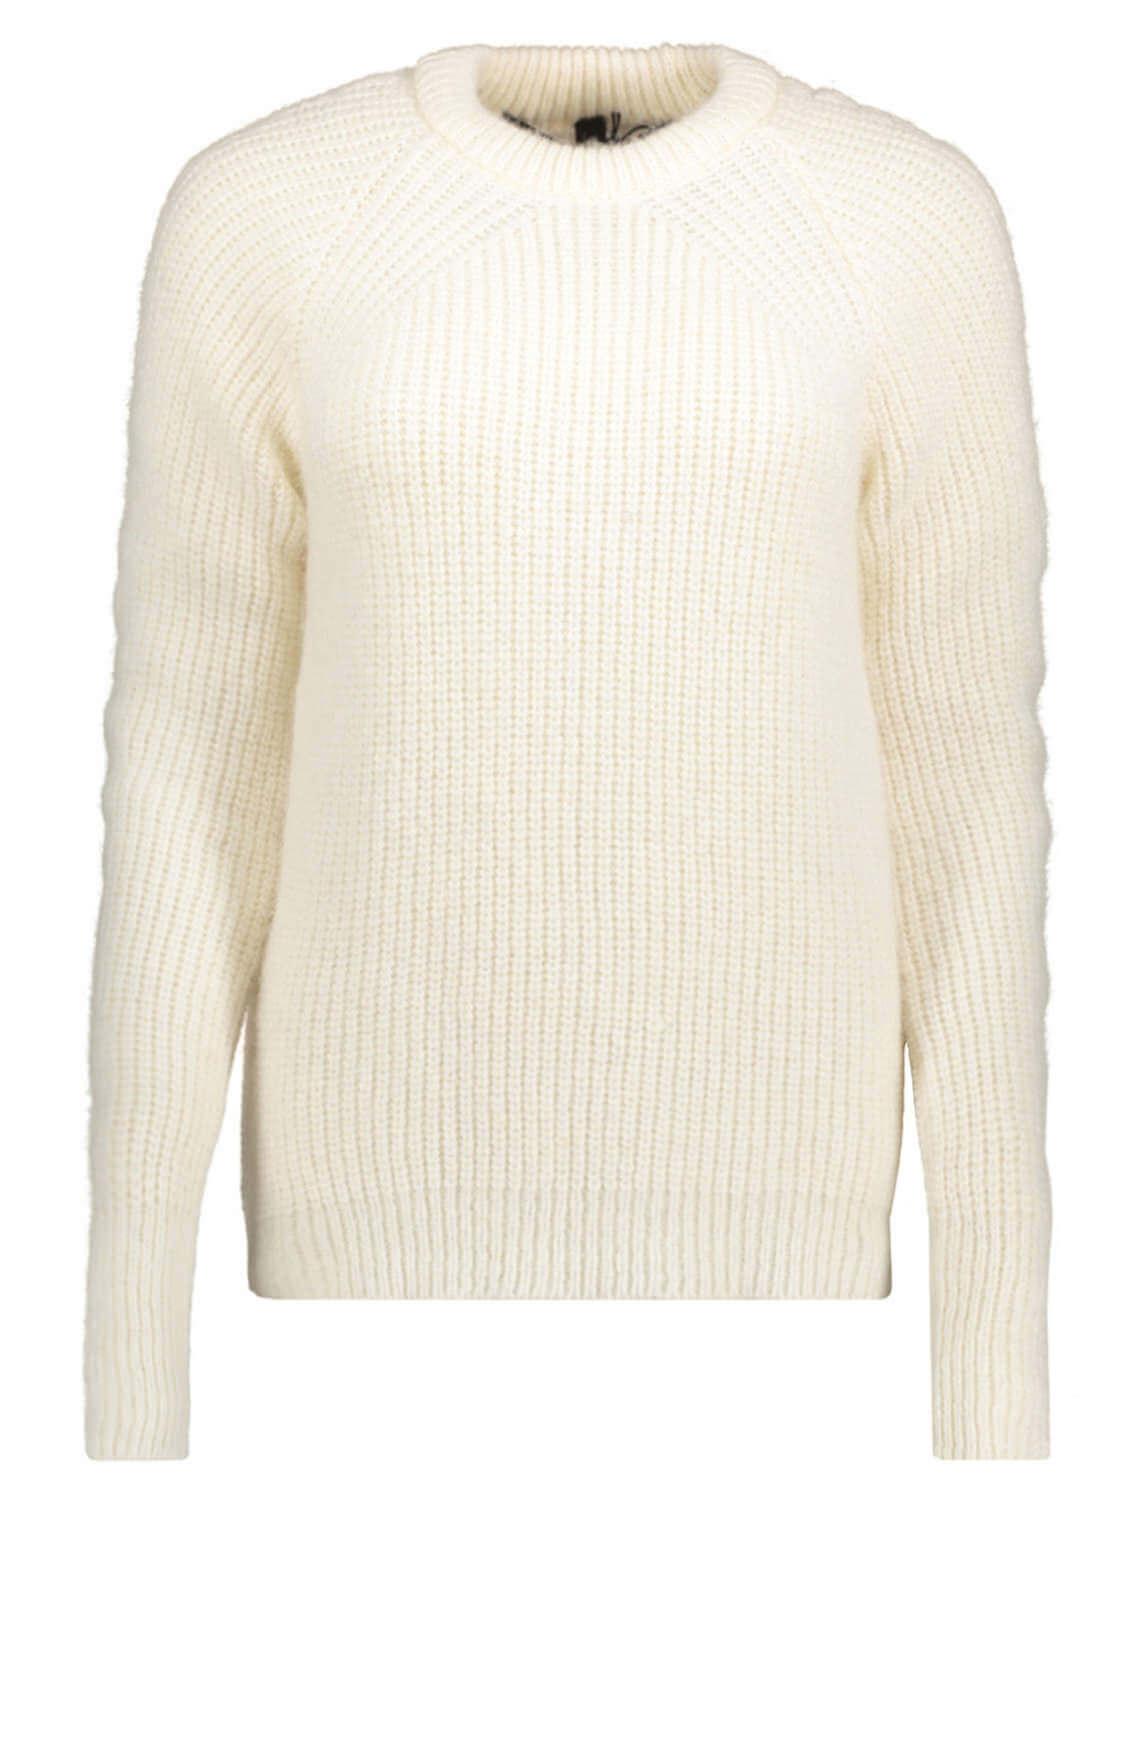 10 Days Dames Gebreide pullover wit